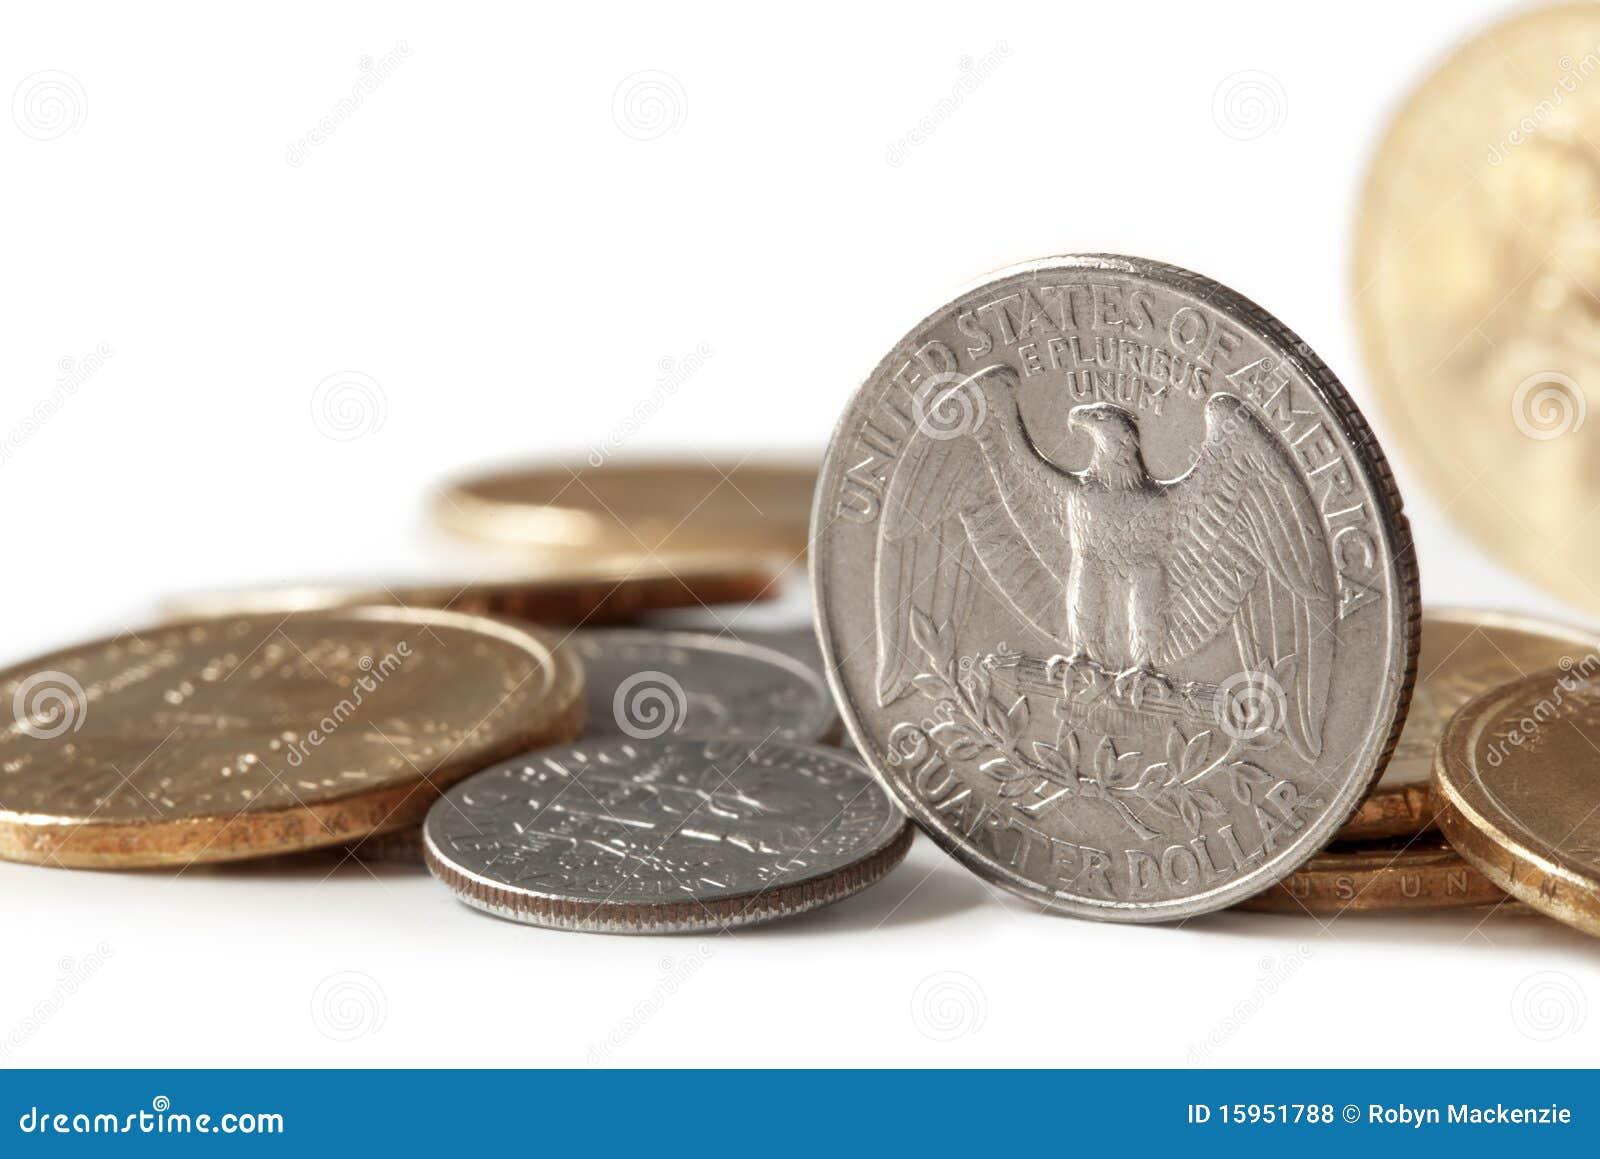 Pièces de monnaie des USA